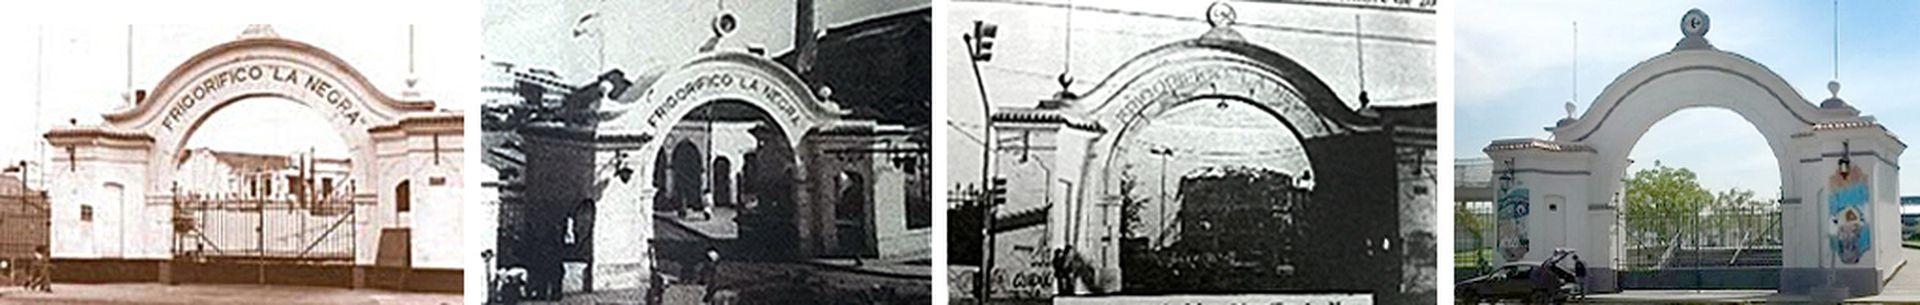 El emblemático arco de La Negra en Avellaneda, donde hoy funciona un hipermercado.